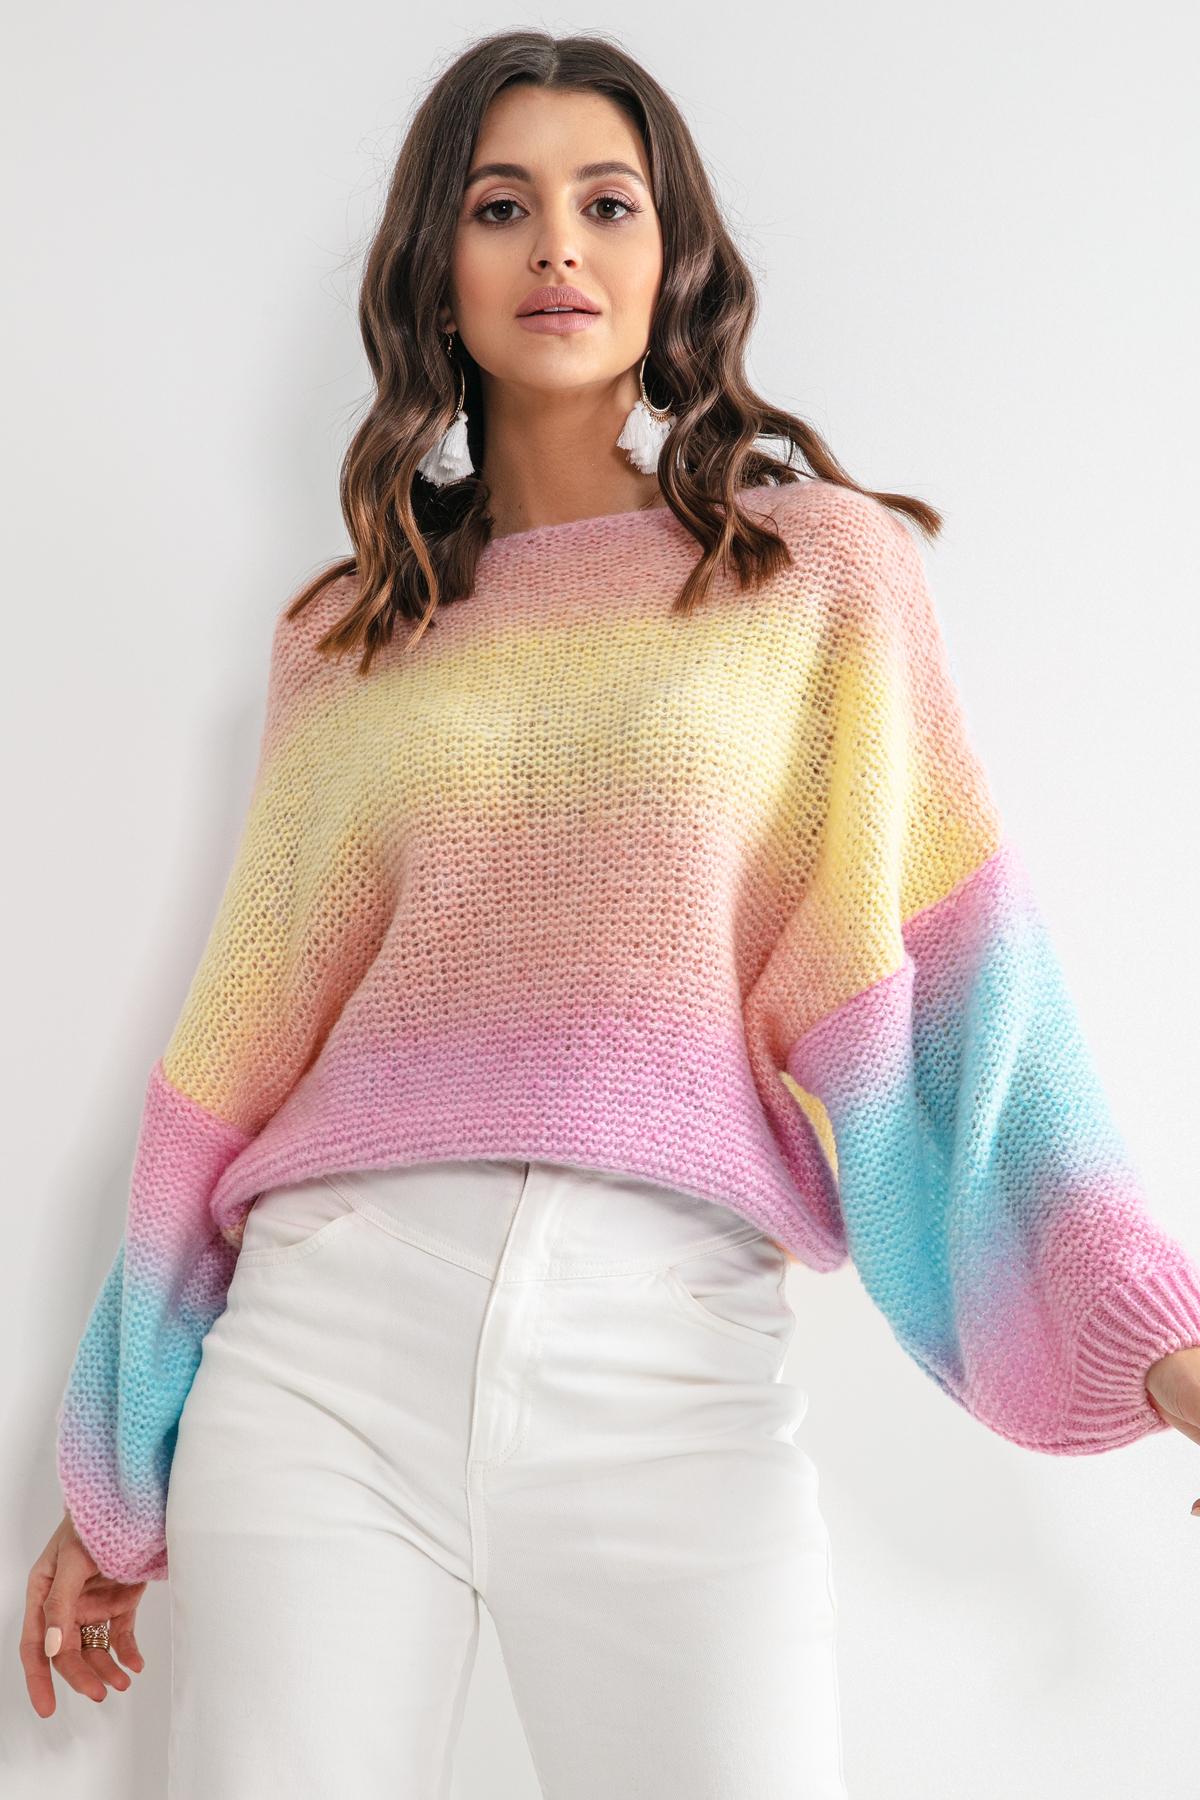 Sweater in Regenbogenfarben mit voluminösen Ärmeln Vorderansicht auseinander